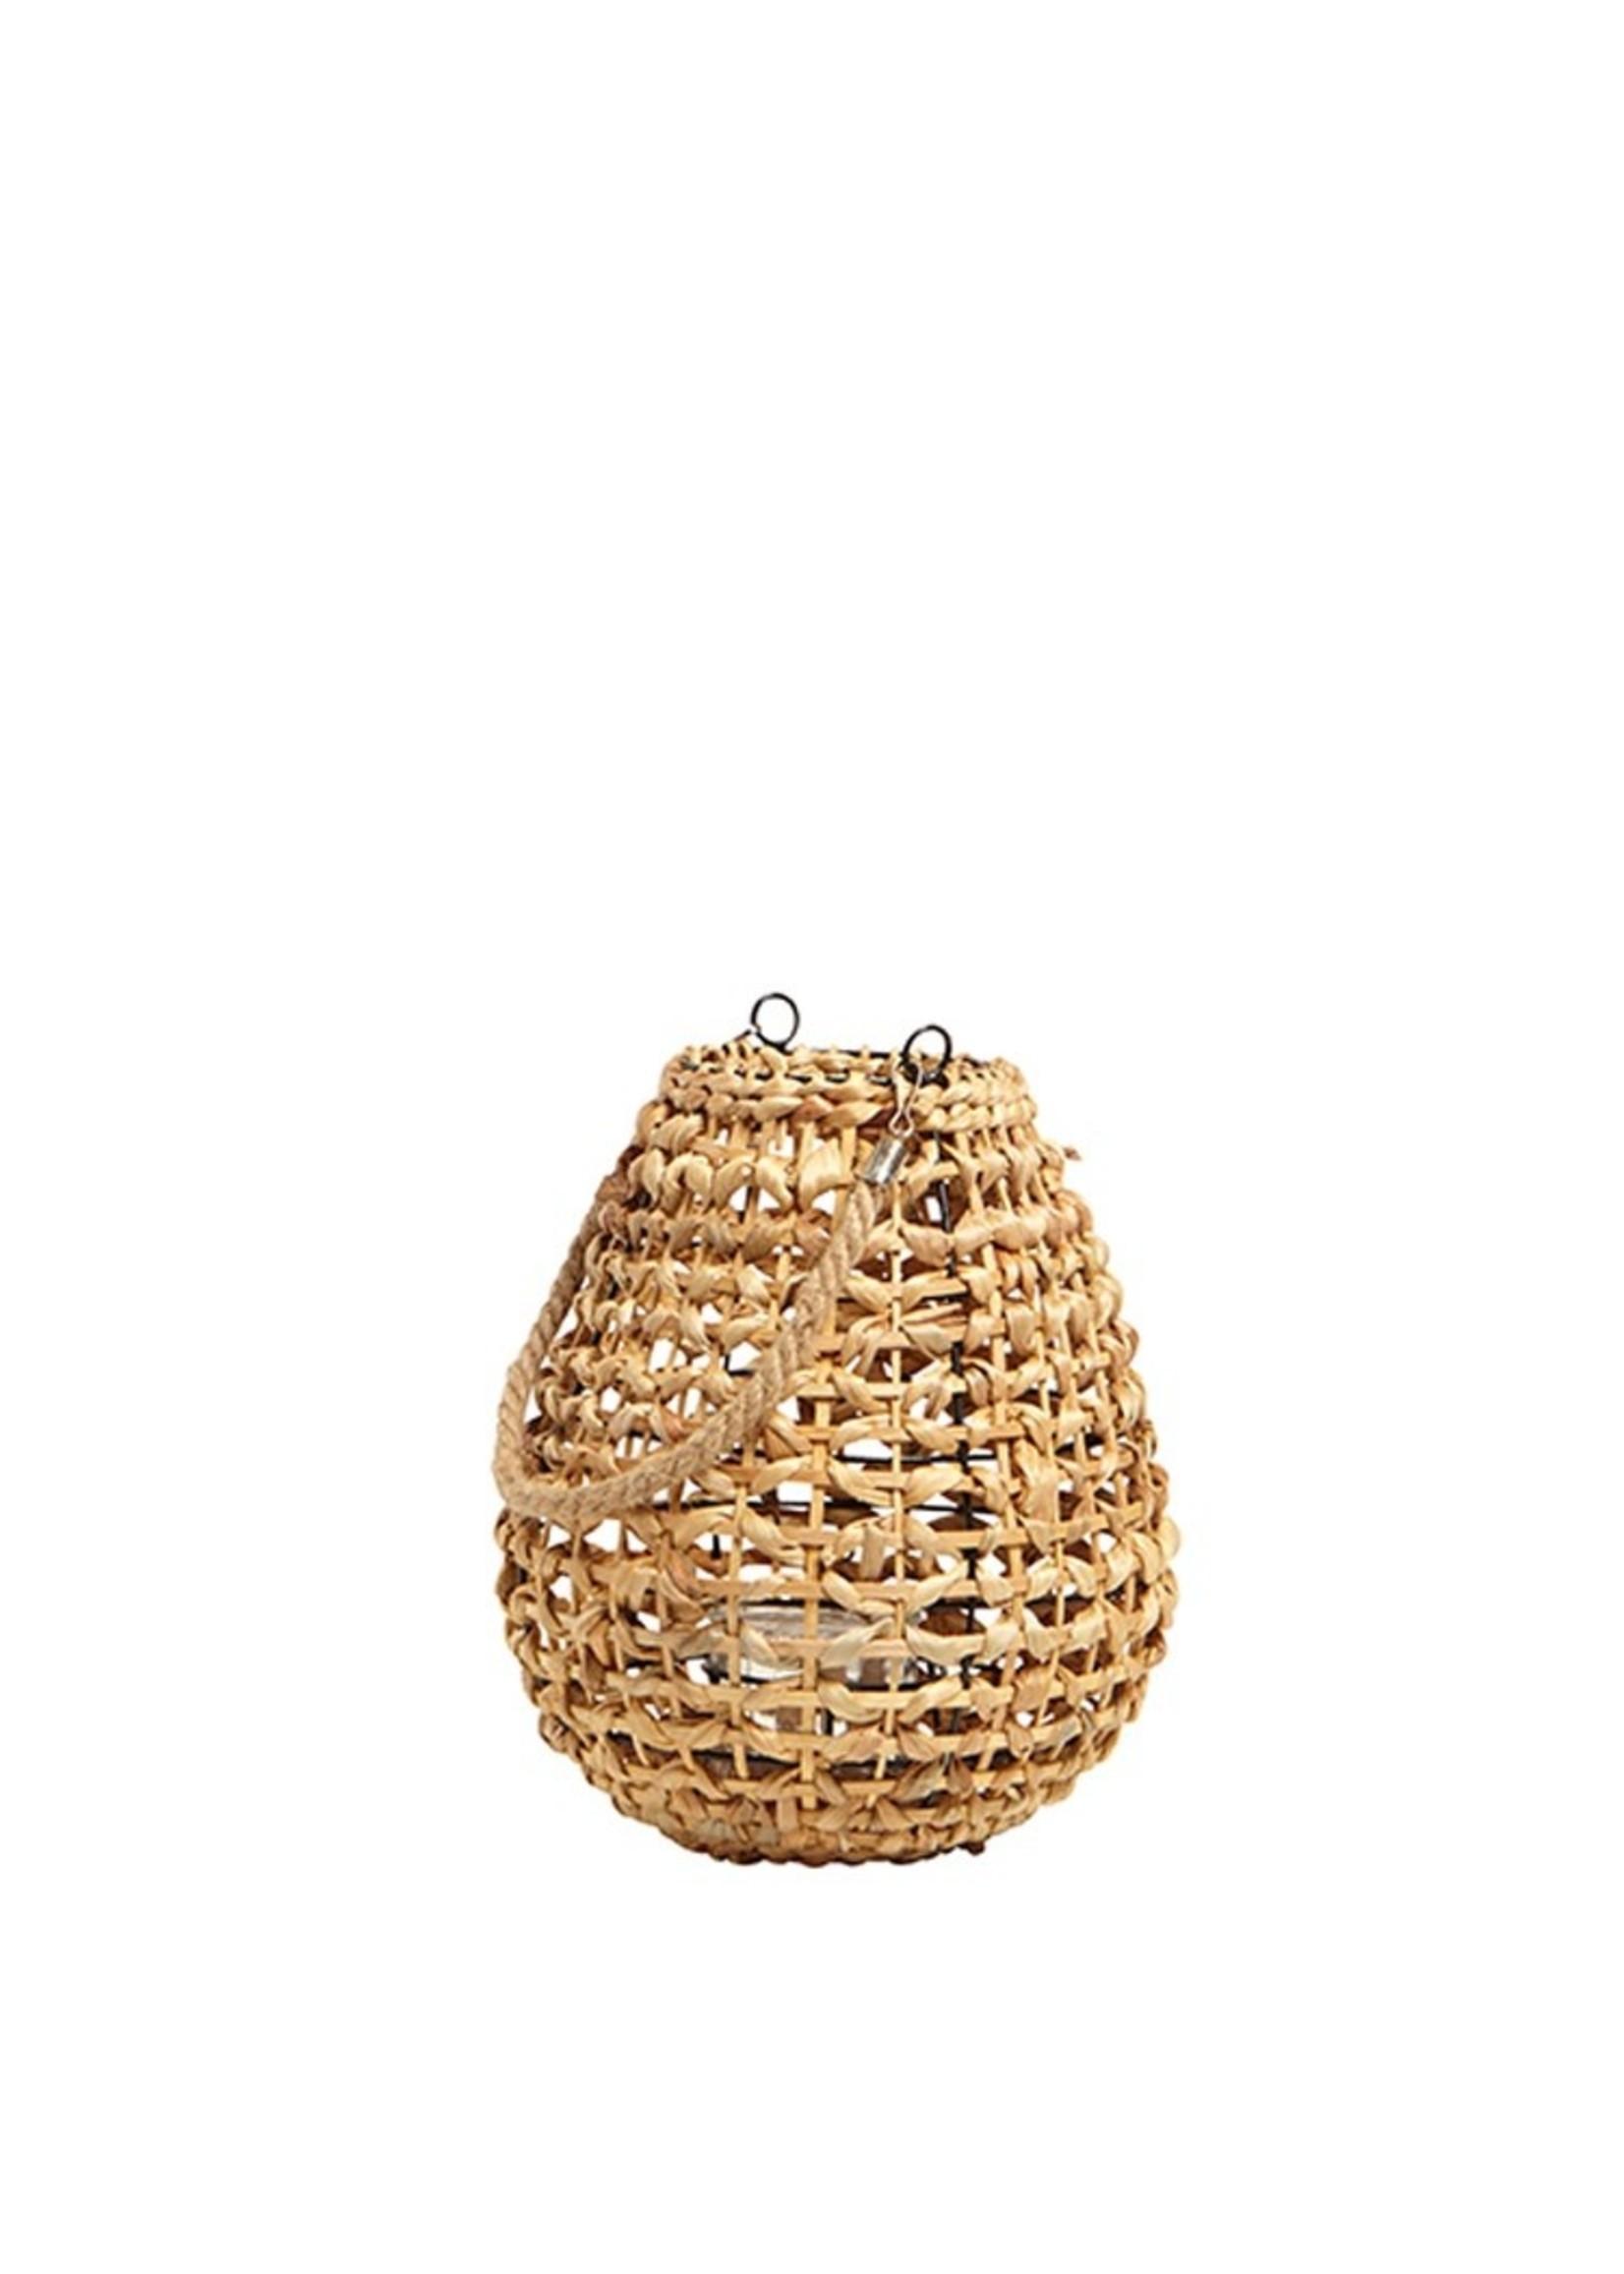 Palma Small Lantern